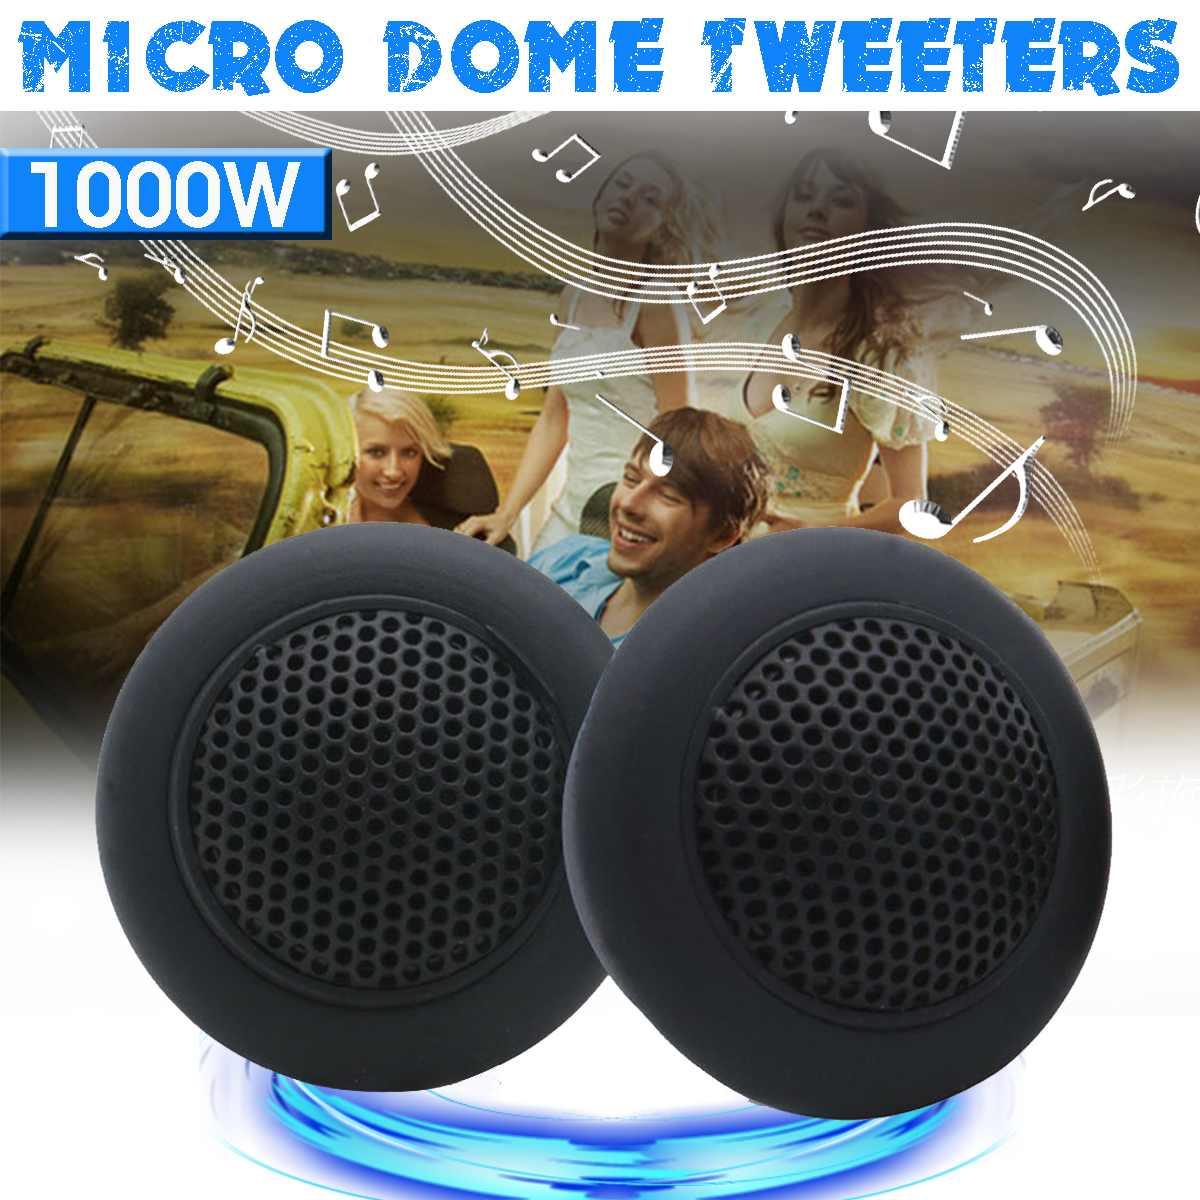 12V-24V 1Pair HIFI Micro Dome Tweeters 89db Car Audio Music Speakers Automobile Horn Loudspeaker Stereo Treble Tweeters Speaker